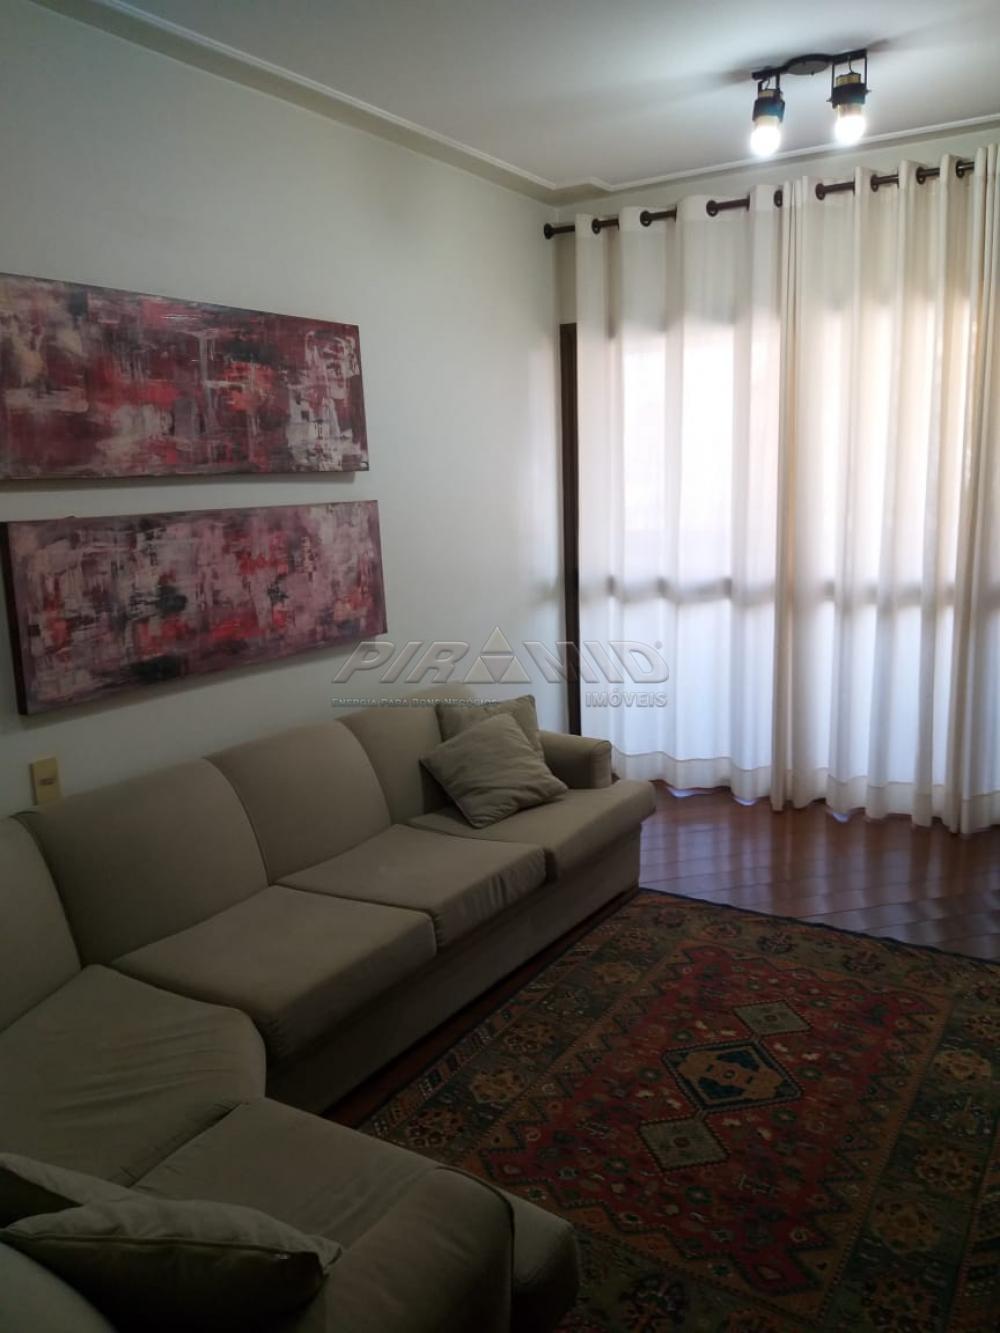 Comprar Apartamento / Padrão em Ribeirão Preto apenas R$ 680.000,00 - Foto 7